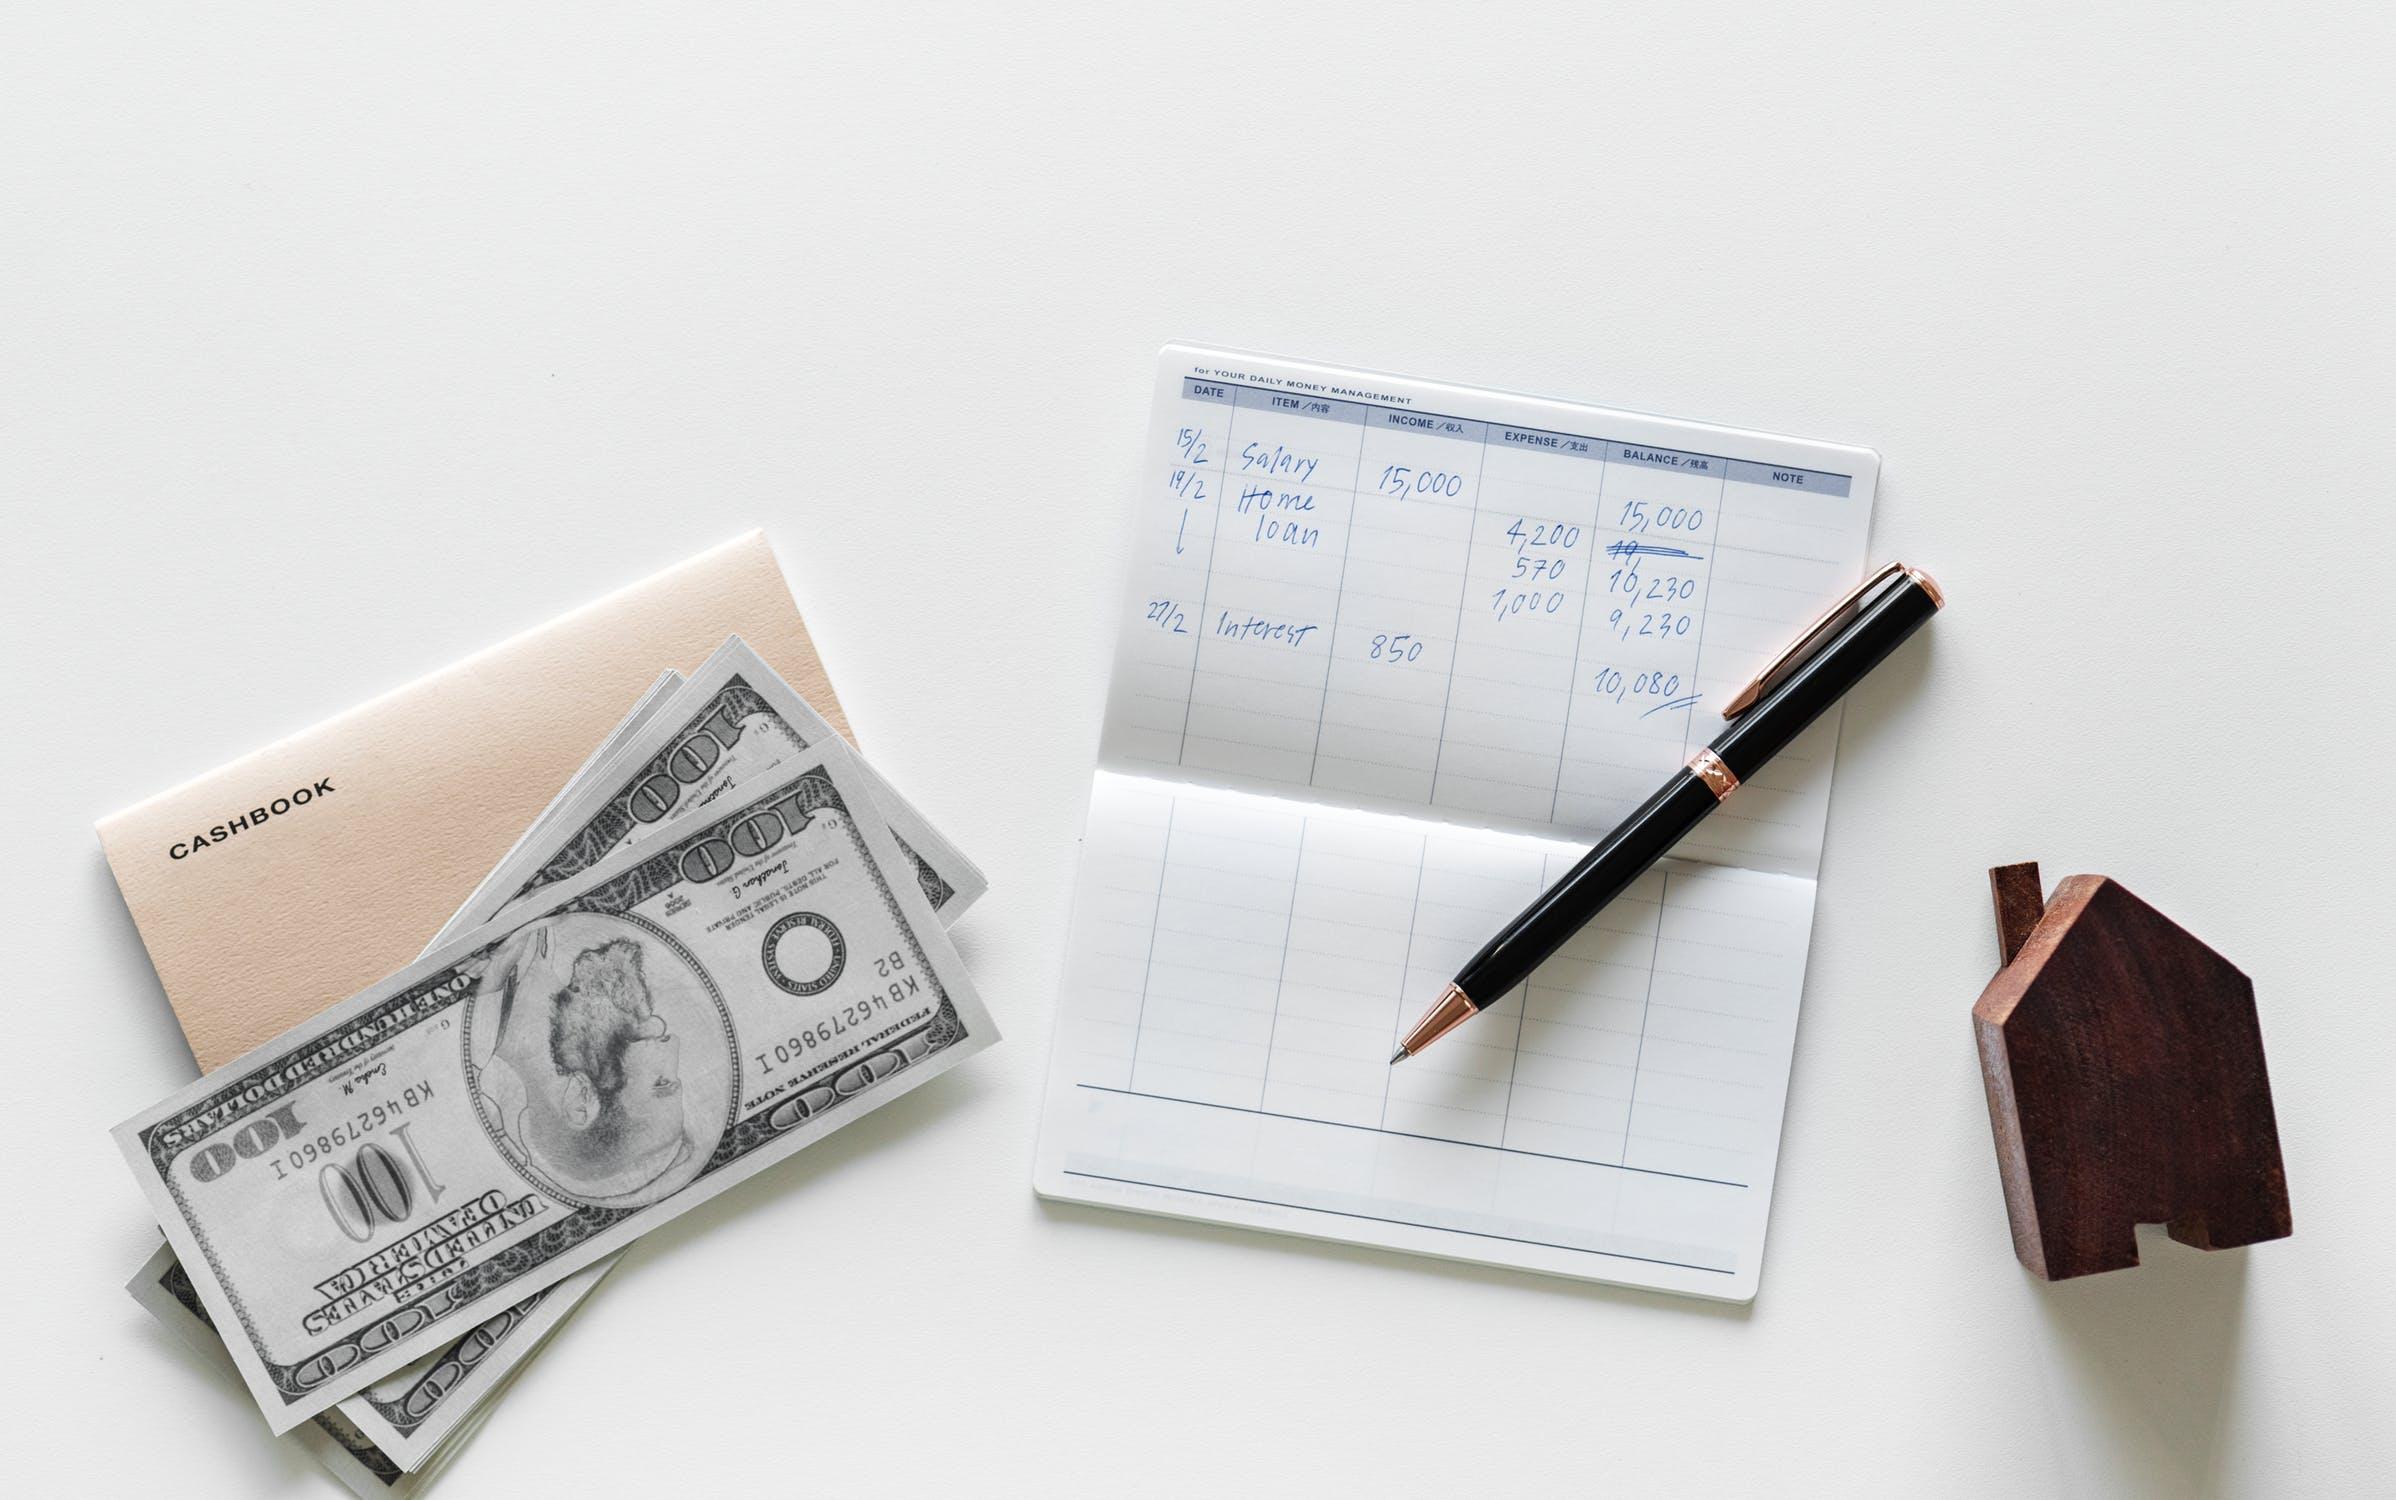 Bliv rig med passiv indkomst – 17 måder at opnå passiv indkomst.